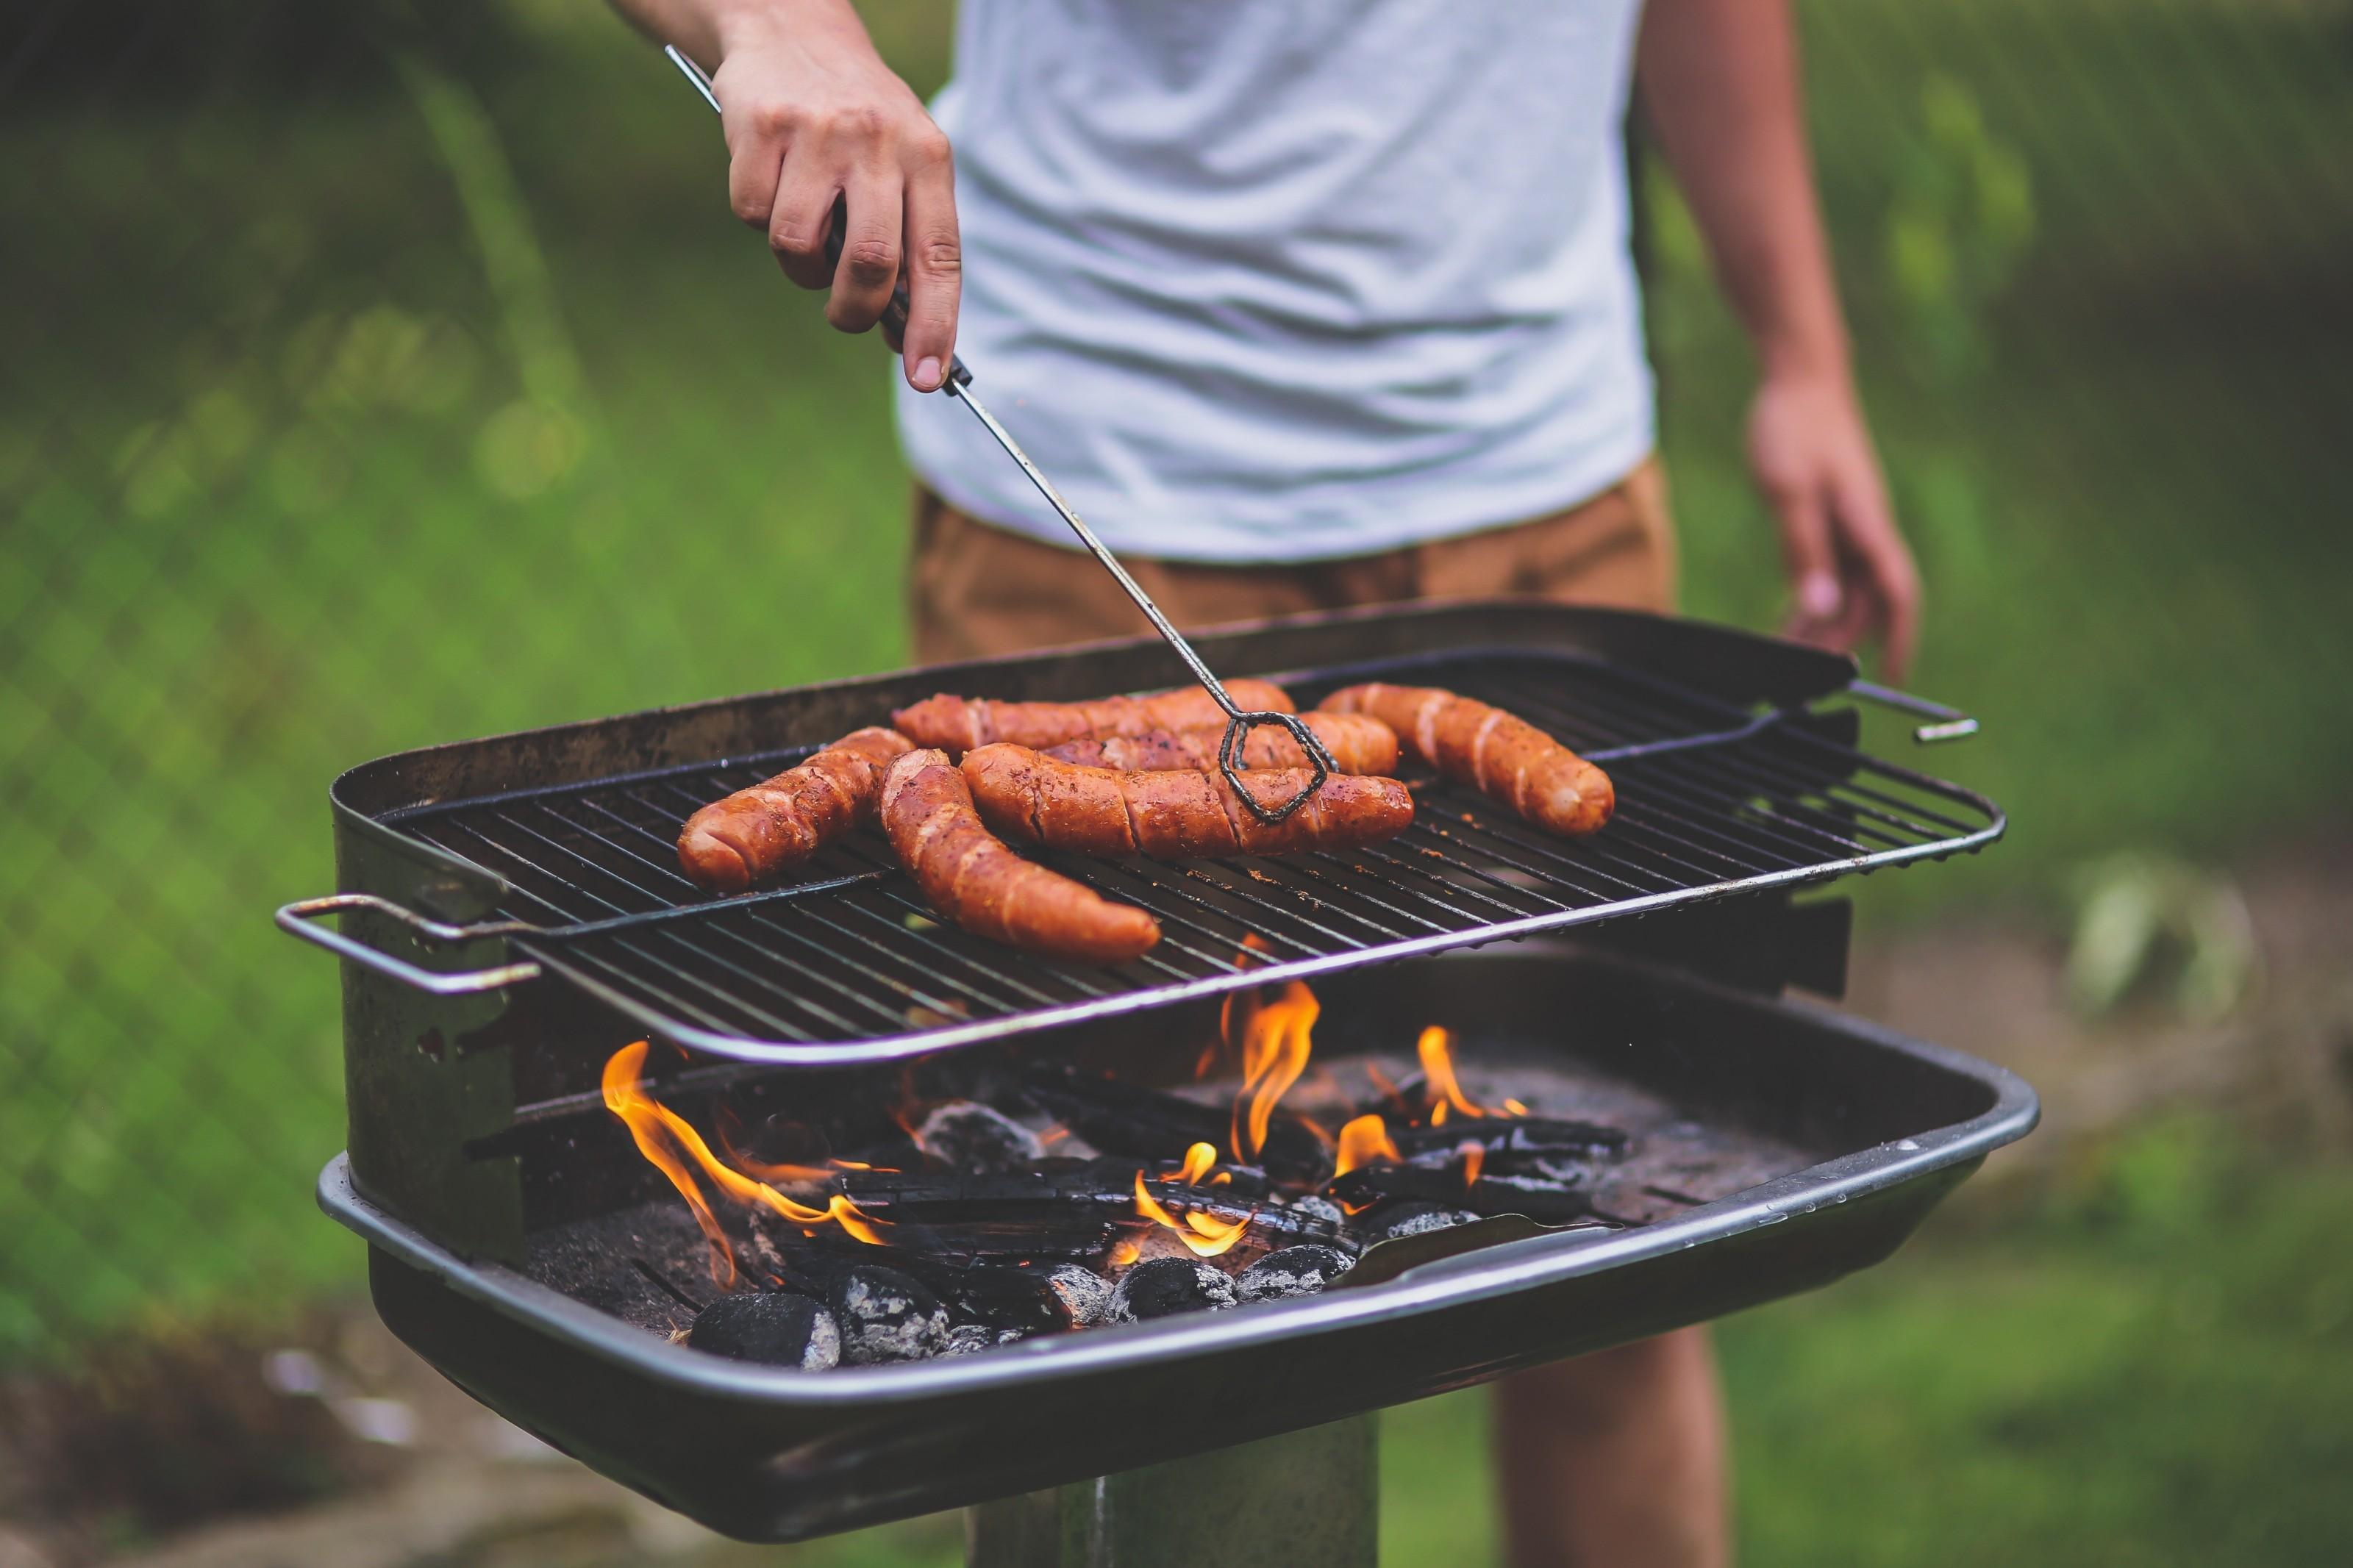 Comment choisir son barbecue ? Les conseils de Mon Magasin